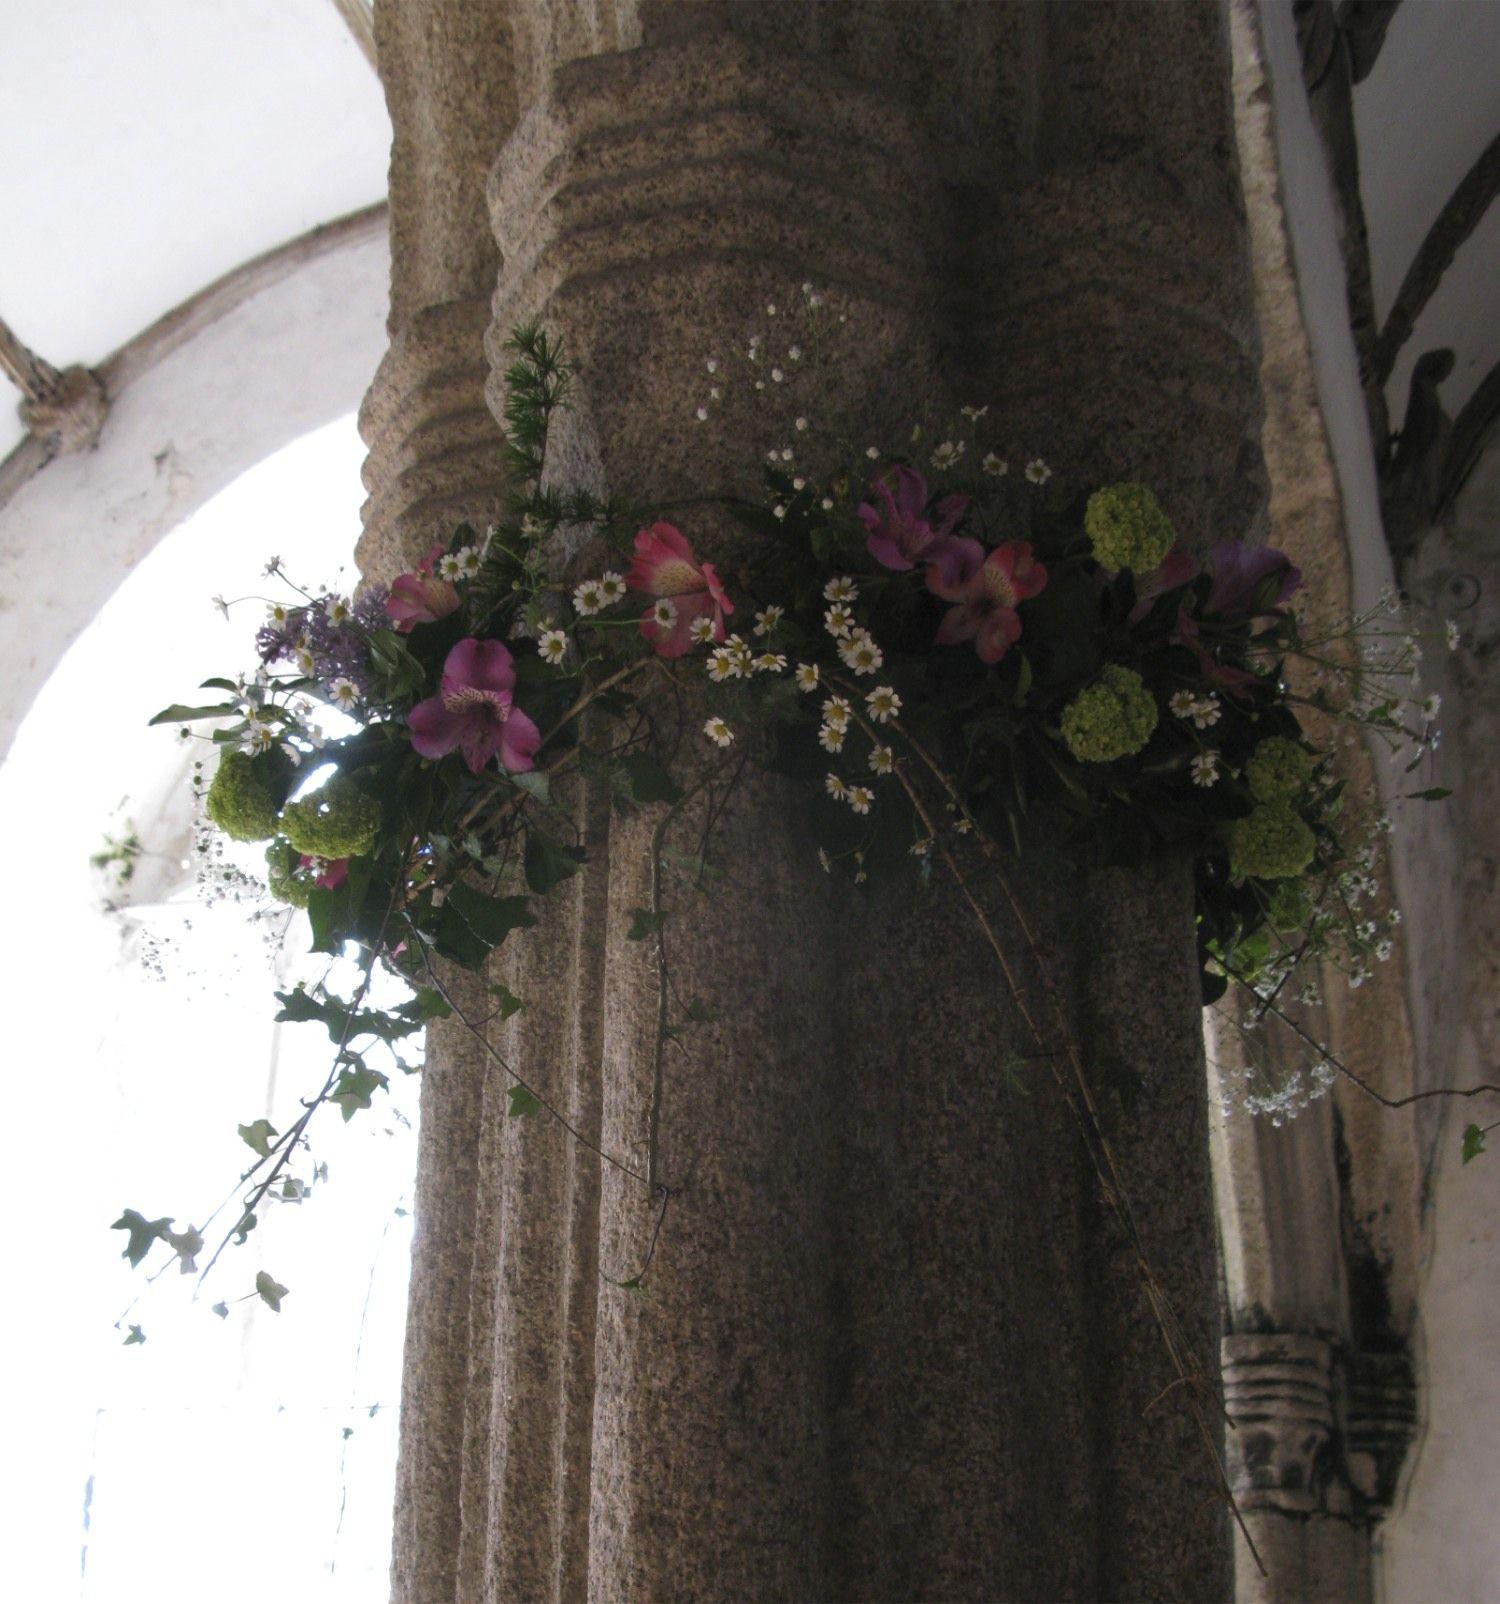 Christmas festival ideas for church - Church Pillar Flowers